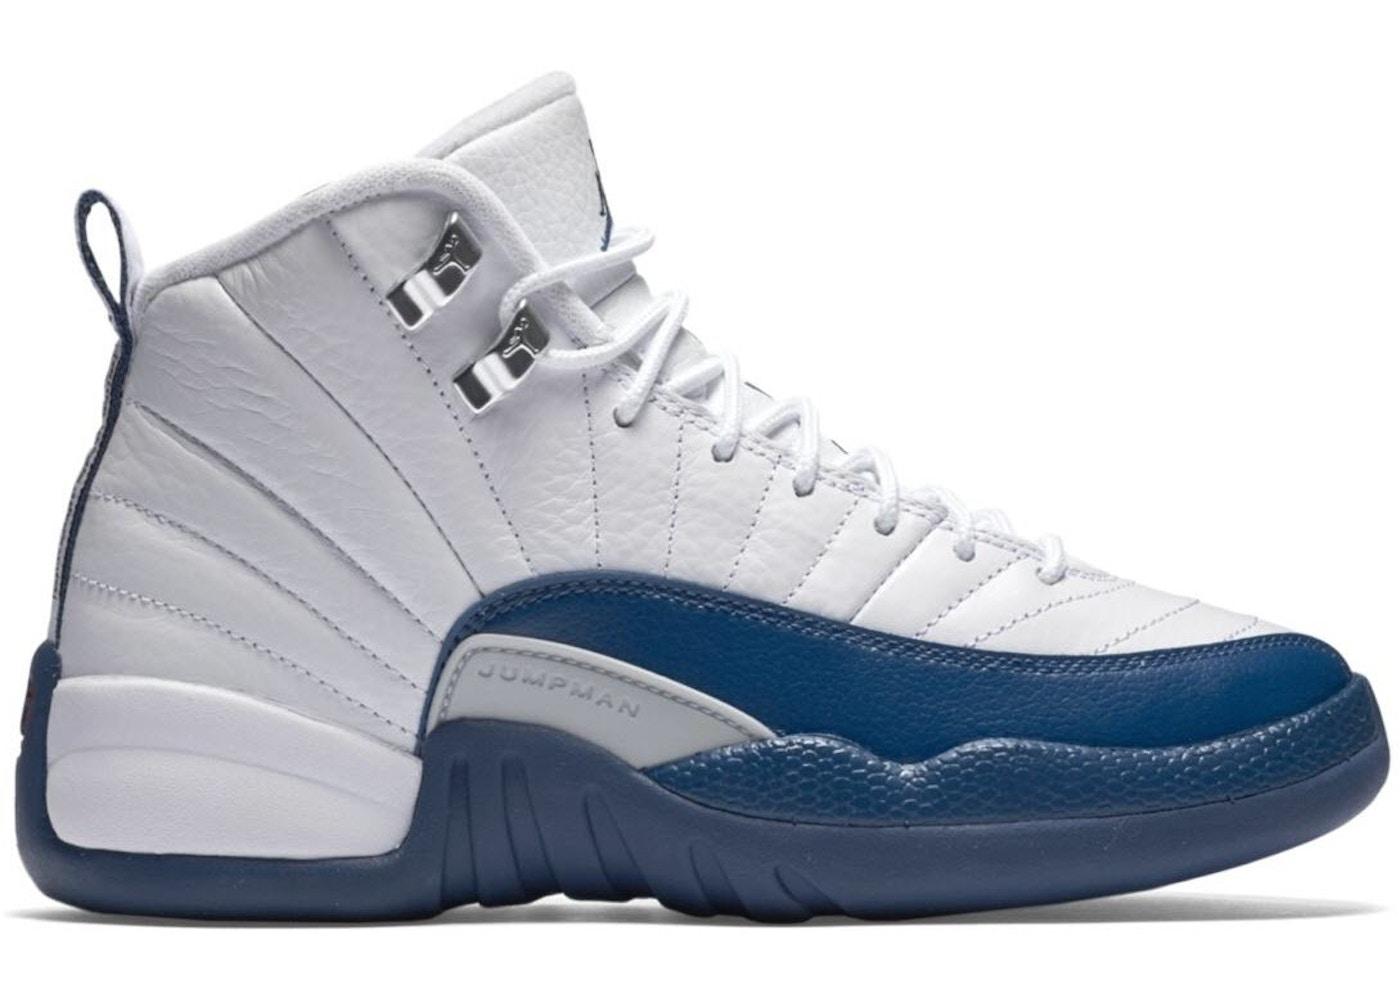 Jordan 12 Retro French Blue 2016 (GS) - 153265-113 52e13e0e9